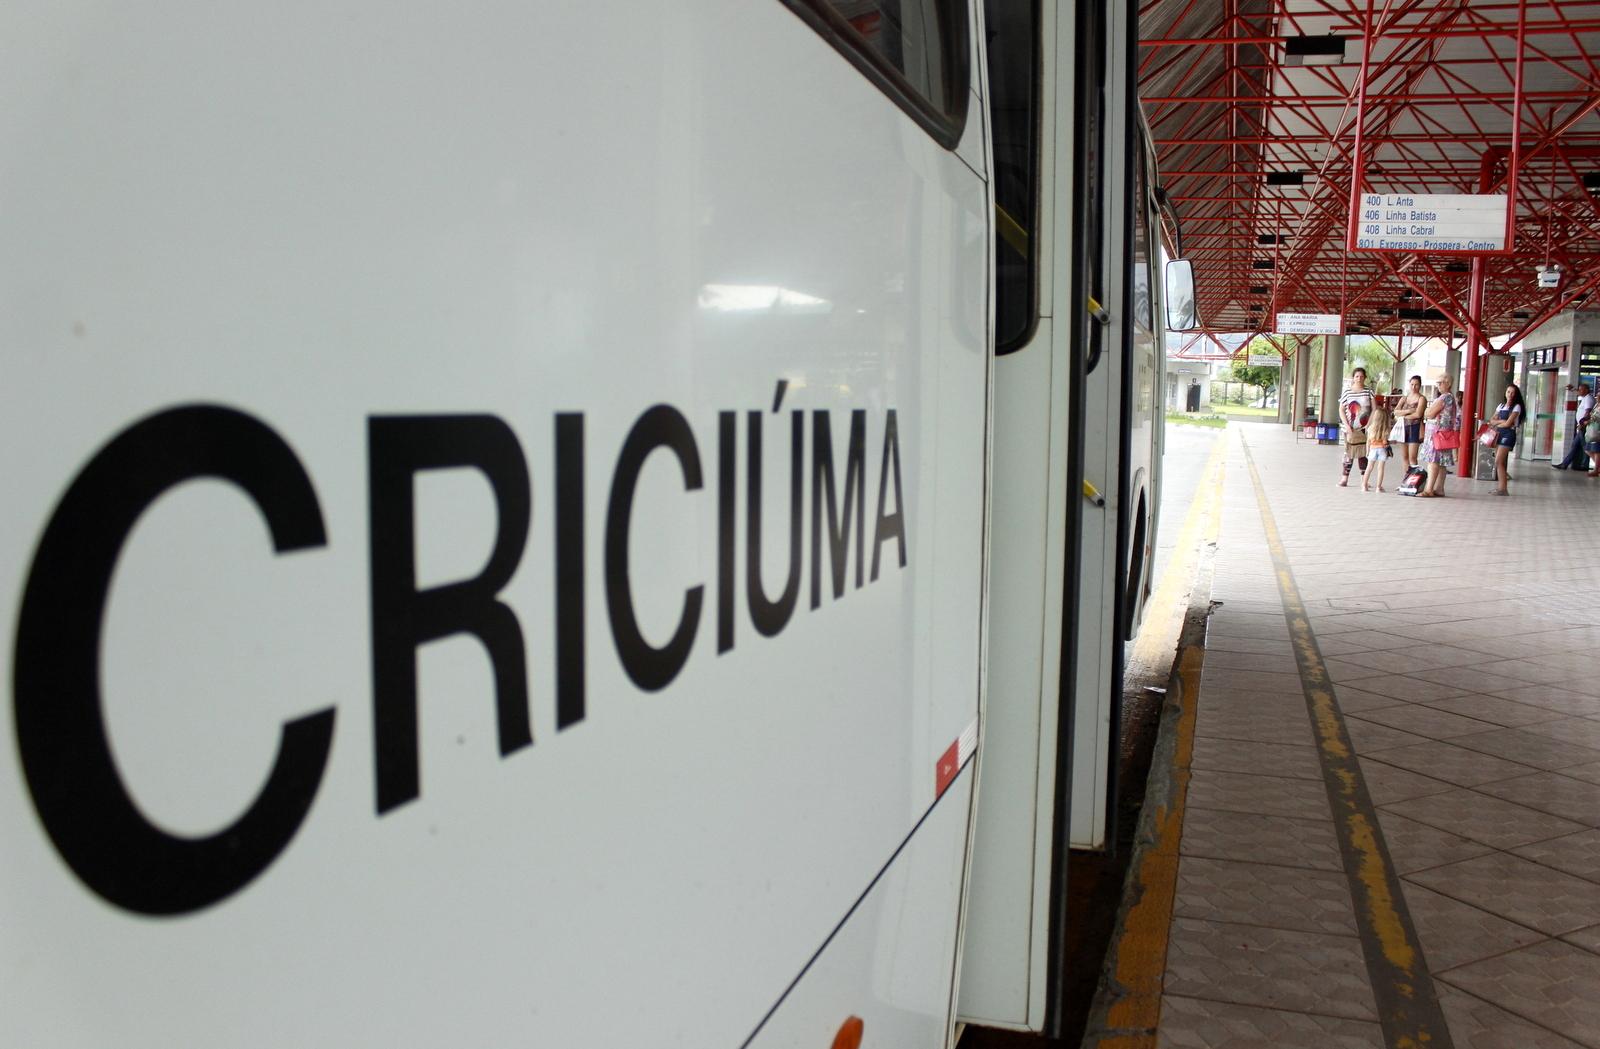 Transporte_coletivo_de_Criciuma_Foto_de_Jhulian_Pereira.JPG